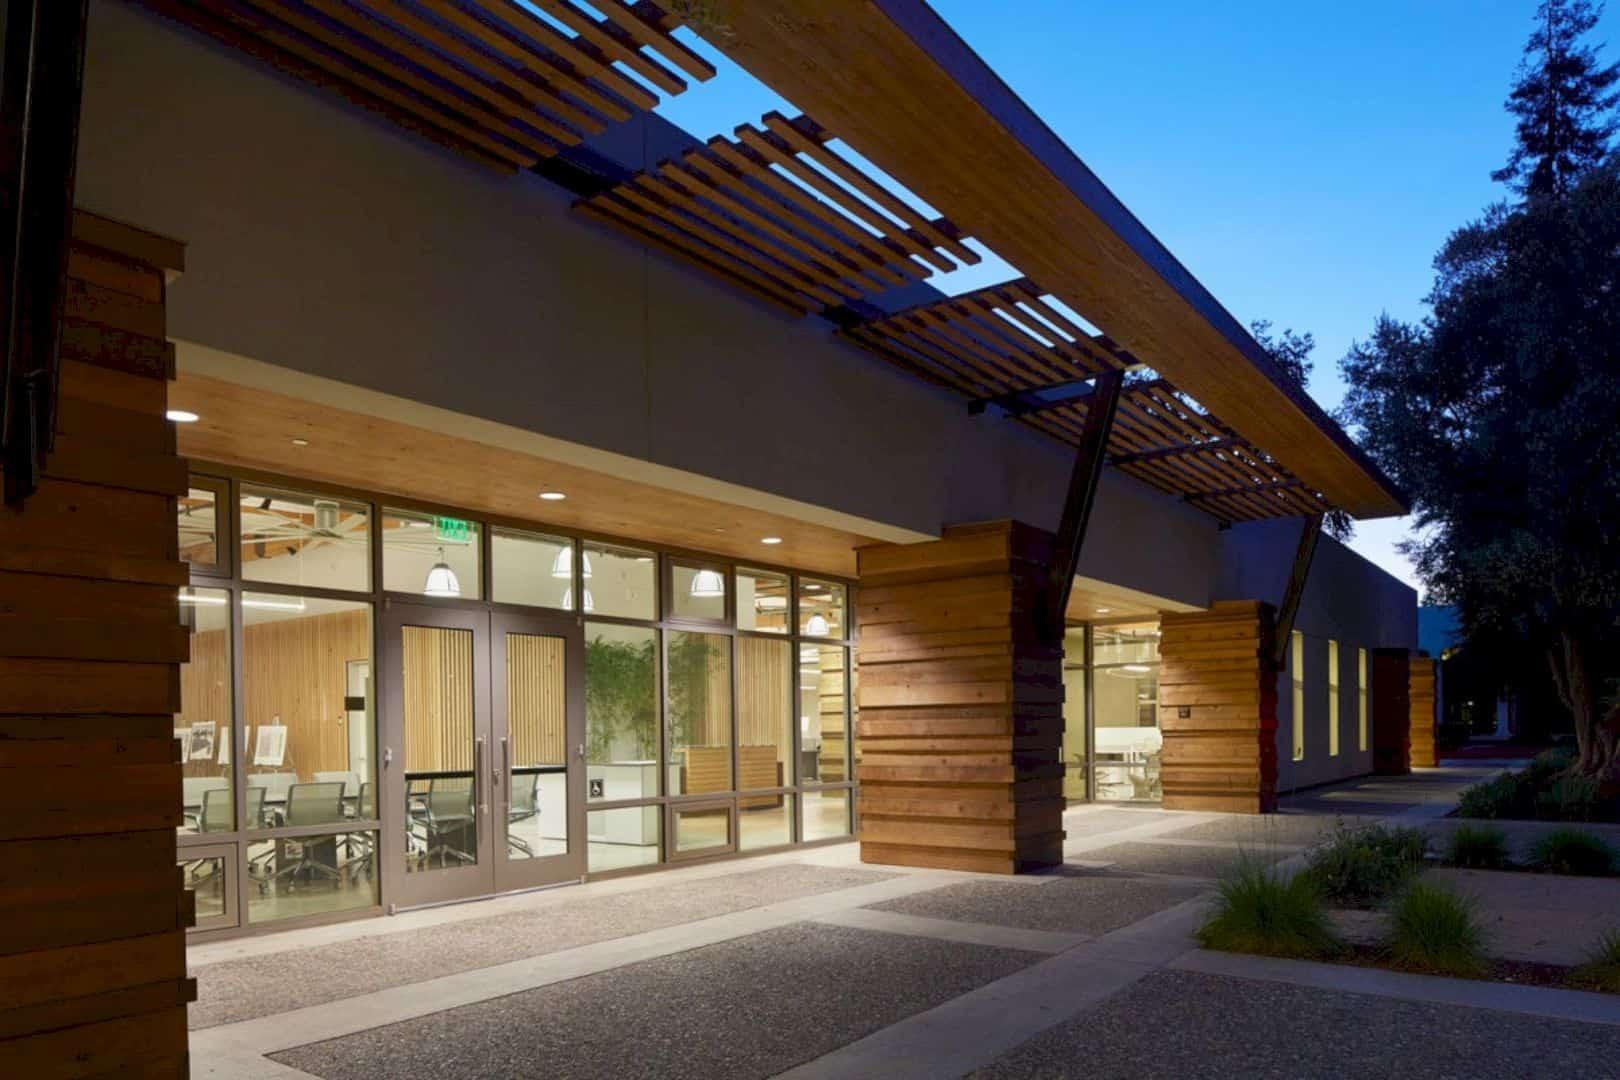 435 Indio Way Net Zero Energy Offices In Sunnyvale 3